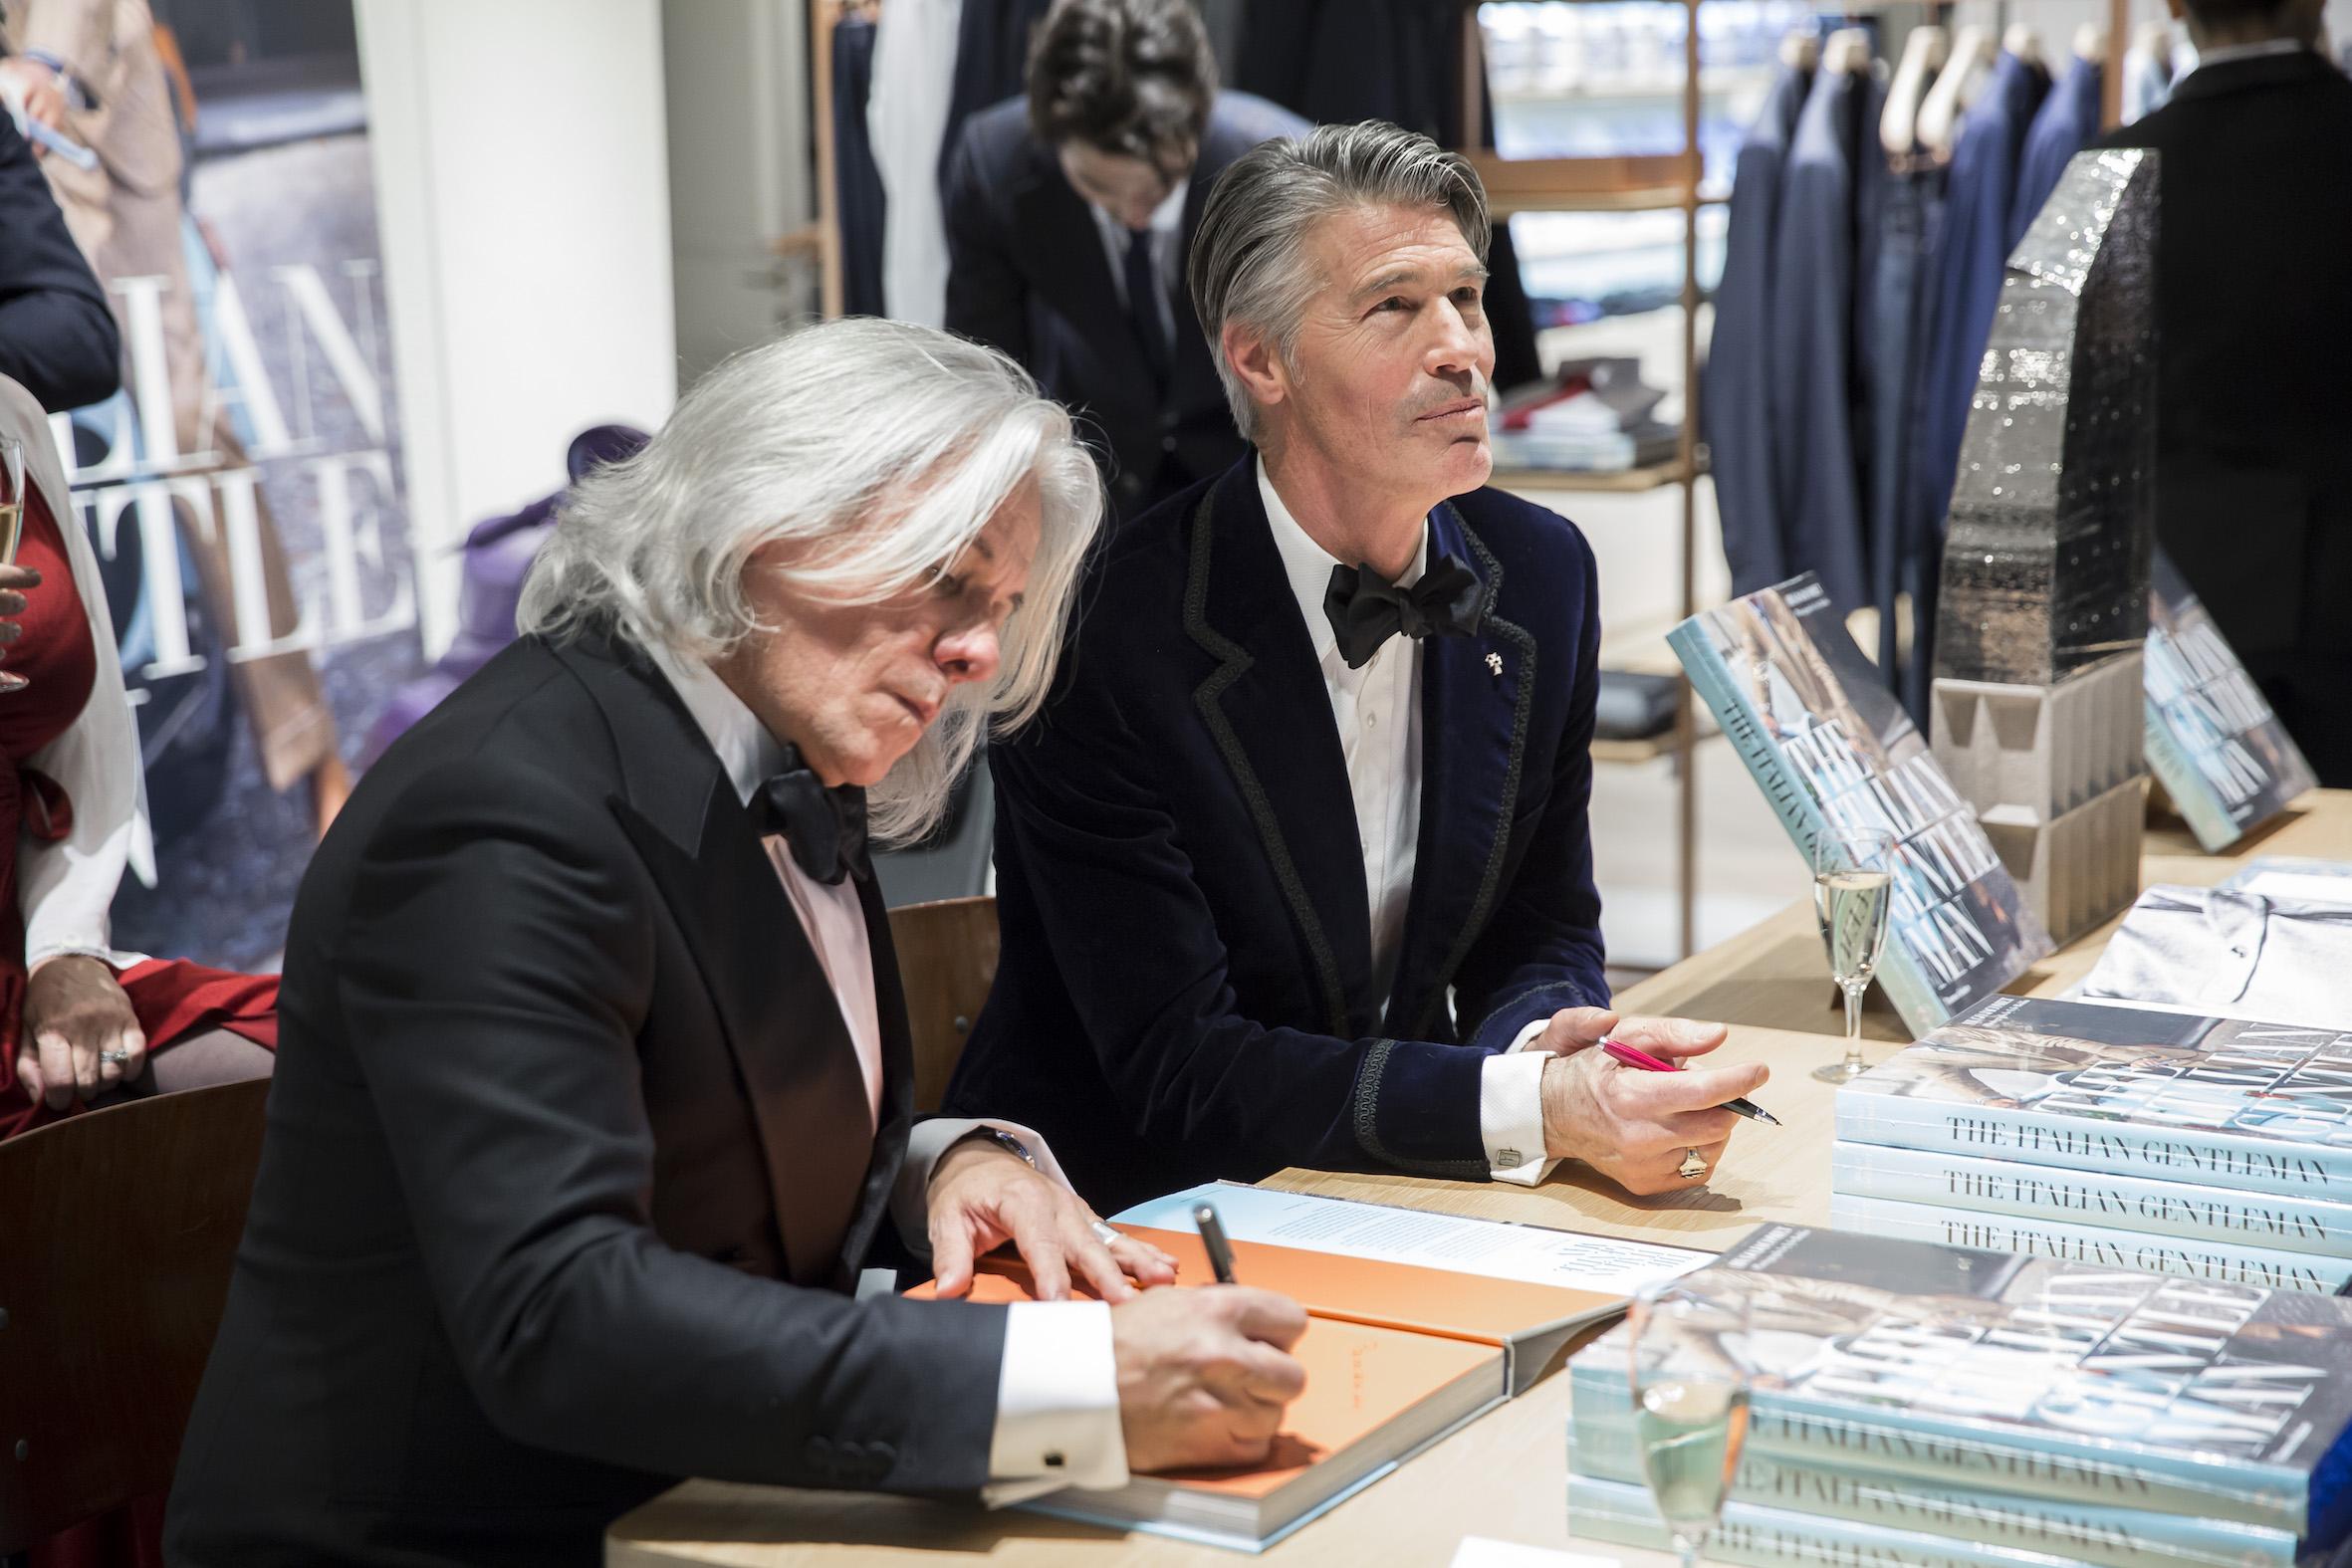 """Événements de dédicace de """"The Italian Gentleman"""" : les photos"""